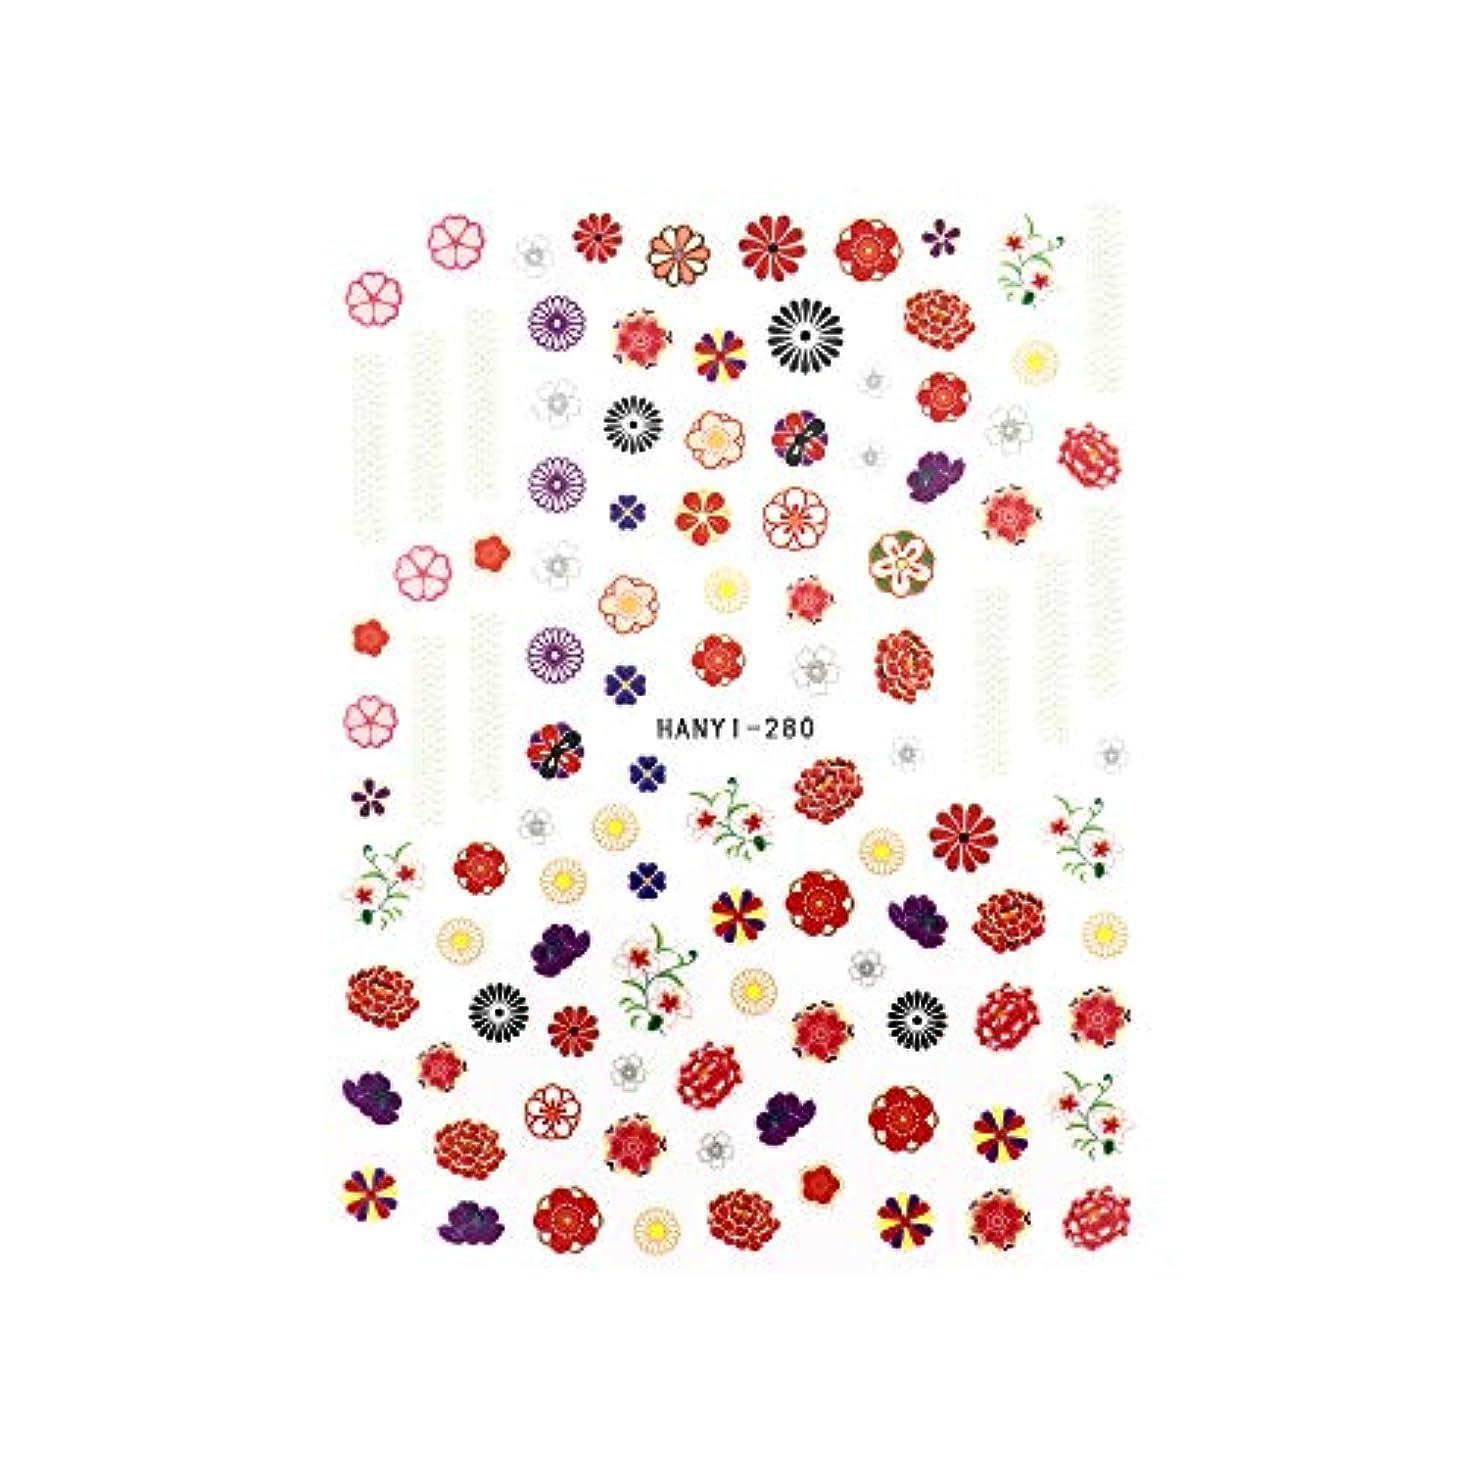 供給小康外交官ネイルシール 古典和花シール【HANYI-280】古典和花シール レッドフラワーネイル 花柄 和柄ネイル 和装ネイル フラワーシール 浴衣 着物 桜 牡丹